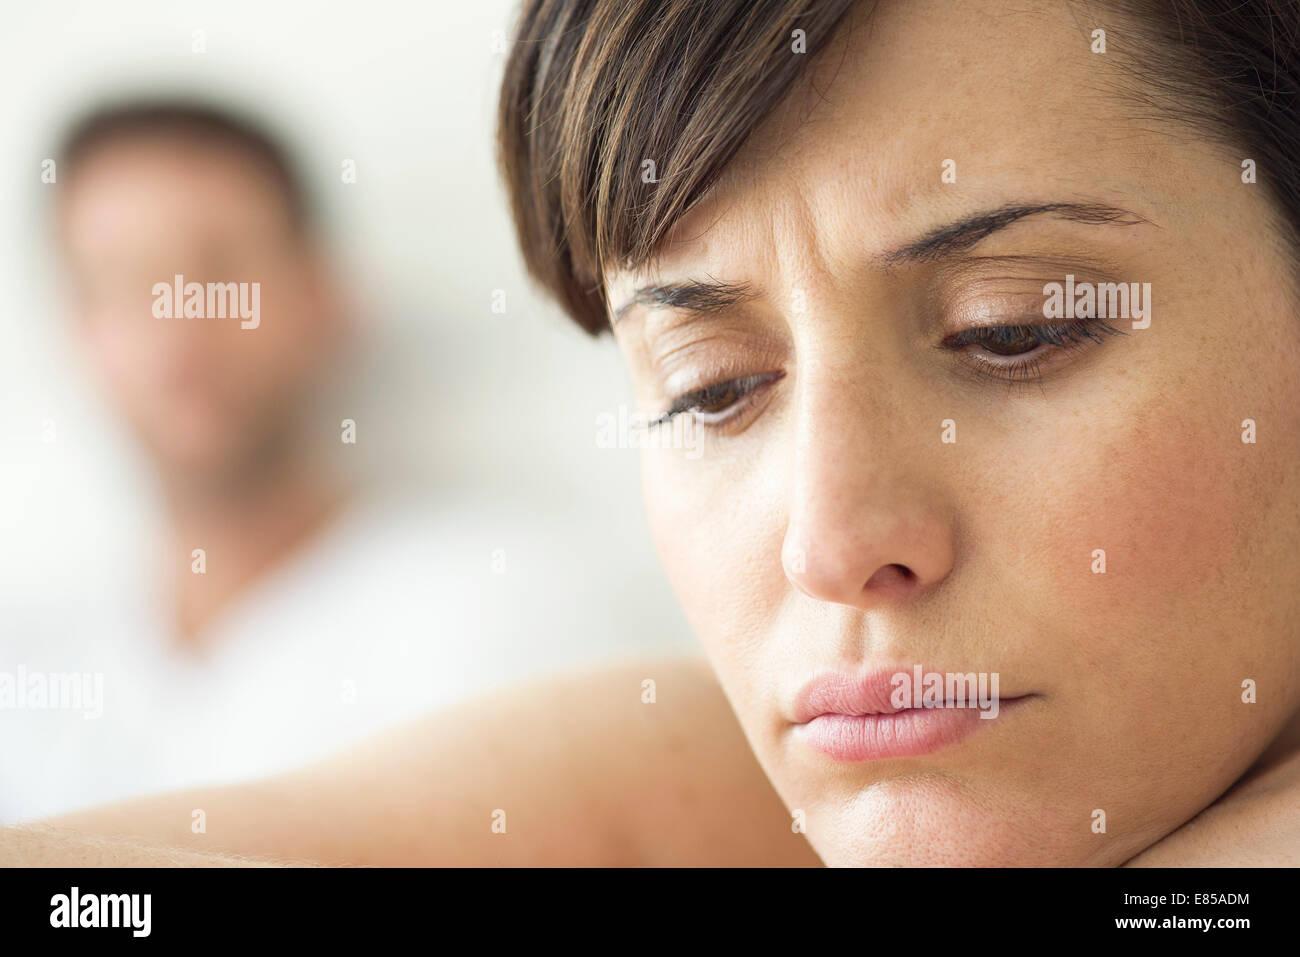 Frau, nachdenklich und zurückgezogen nach Meinungsverschiedenheiten mit Ehemann Stockfoto